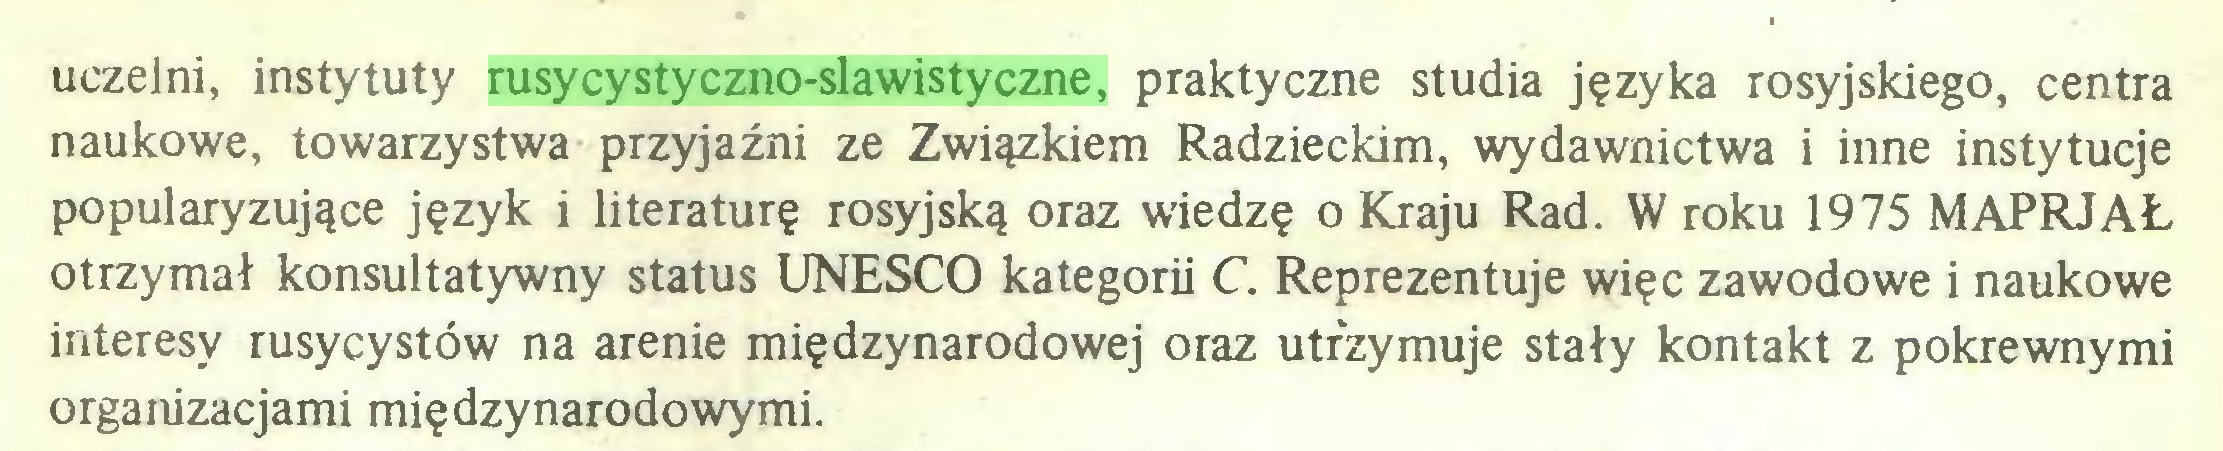 (...) uczelni, instytuty rusycystyczno-slawistyczne, praktyczne studia języka rosyjskiego, centra naukowe, towarzystwa przyjaźni ze Związkiem Radzieckim, wydawnictwa i inne instytucje popularyzujące język i literaturę rosyjską oraz wiedzę o Kraju Rad. W roku 1975 MAPRJAŁ otrzymał konsultatywny status UNESCO kategorii C. Reprezentuje więc zawodowe i naukowe interesy rusycystów na arenie międzynarodowej oraz utrzymuje stały kontakt z pokrewnymi organizacjami międzynarodowymi...